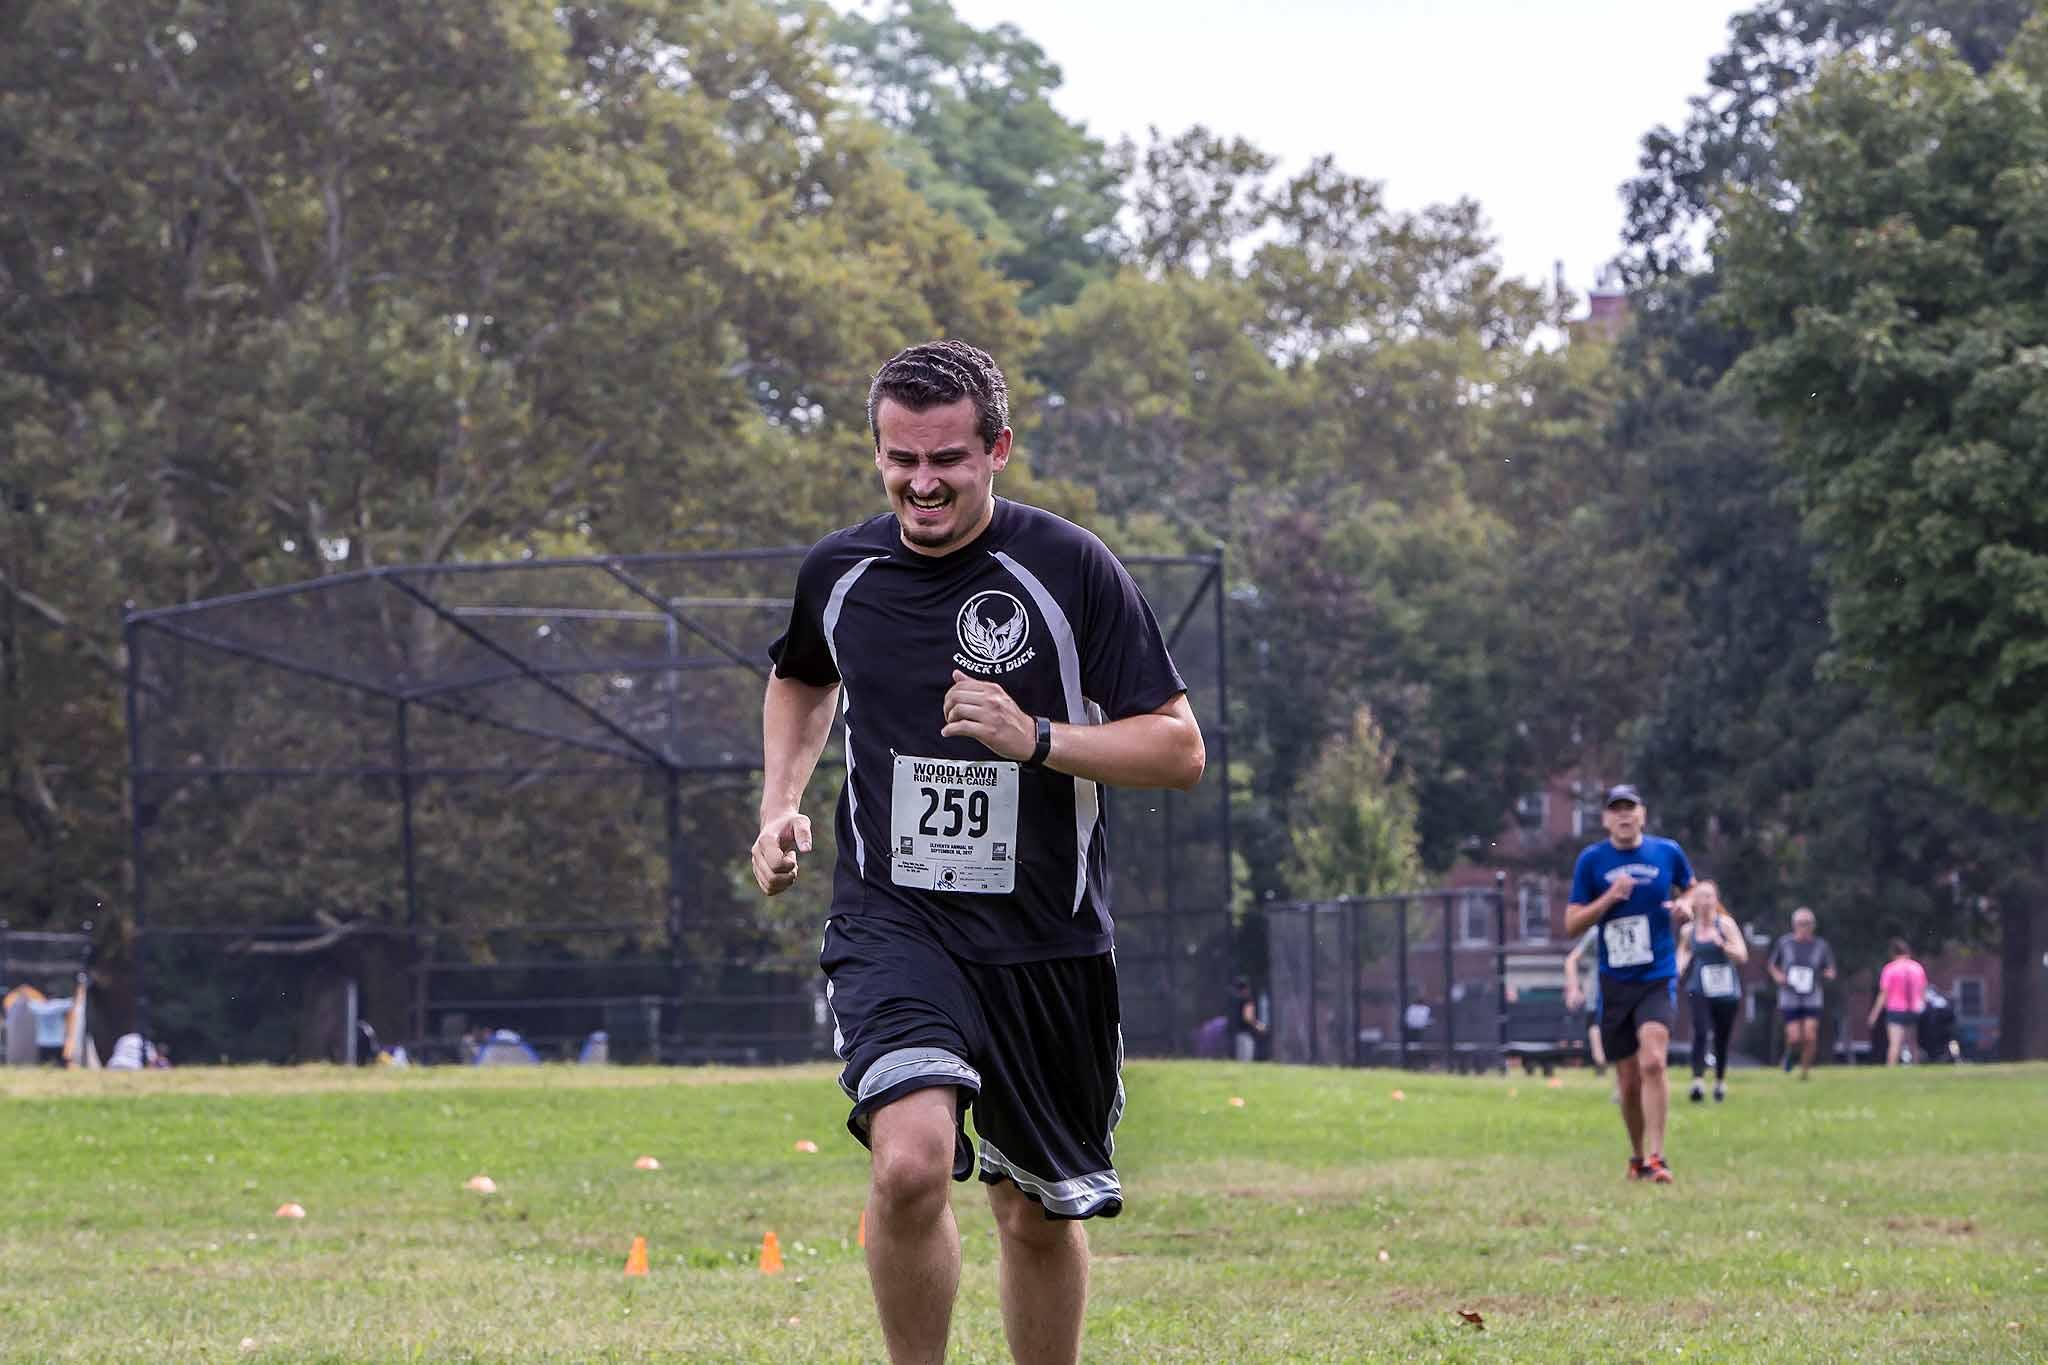 107-Woodlawn Run for a Cause-252.jpg